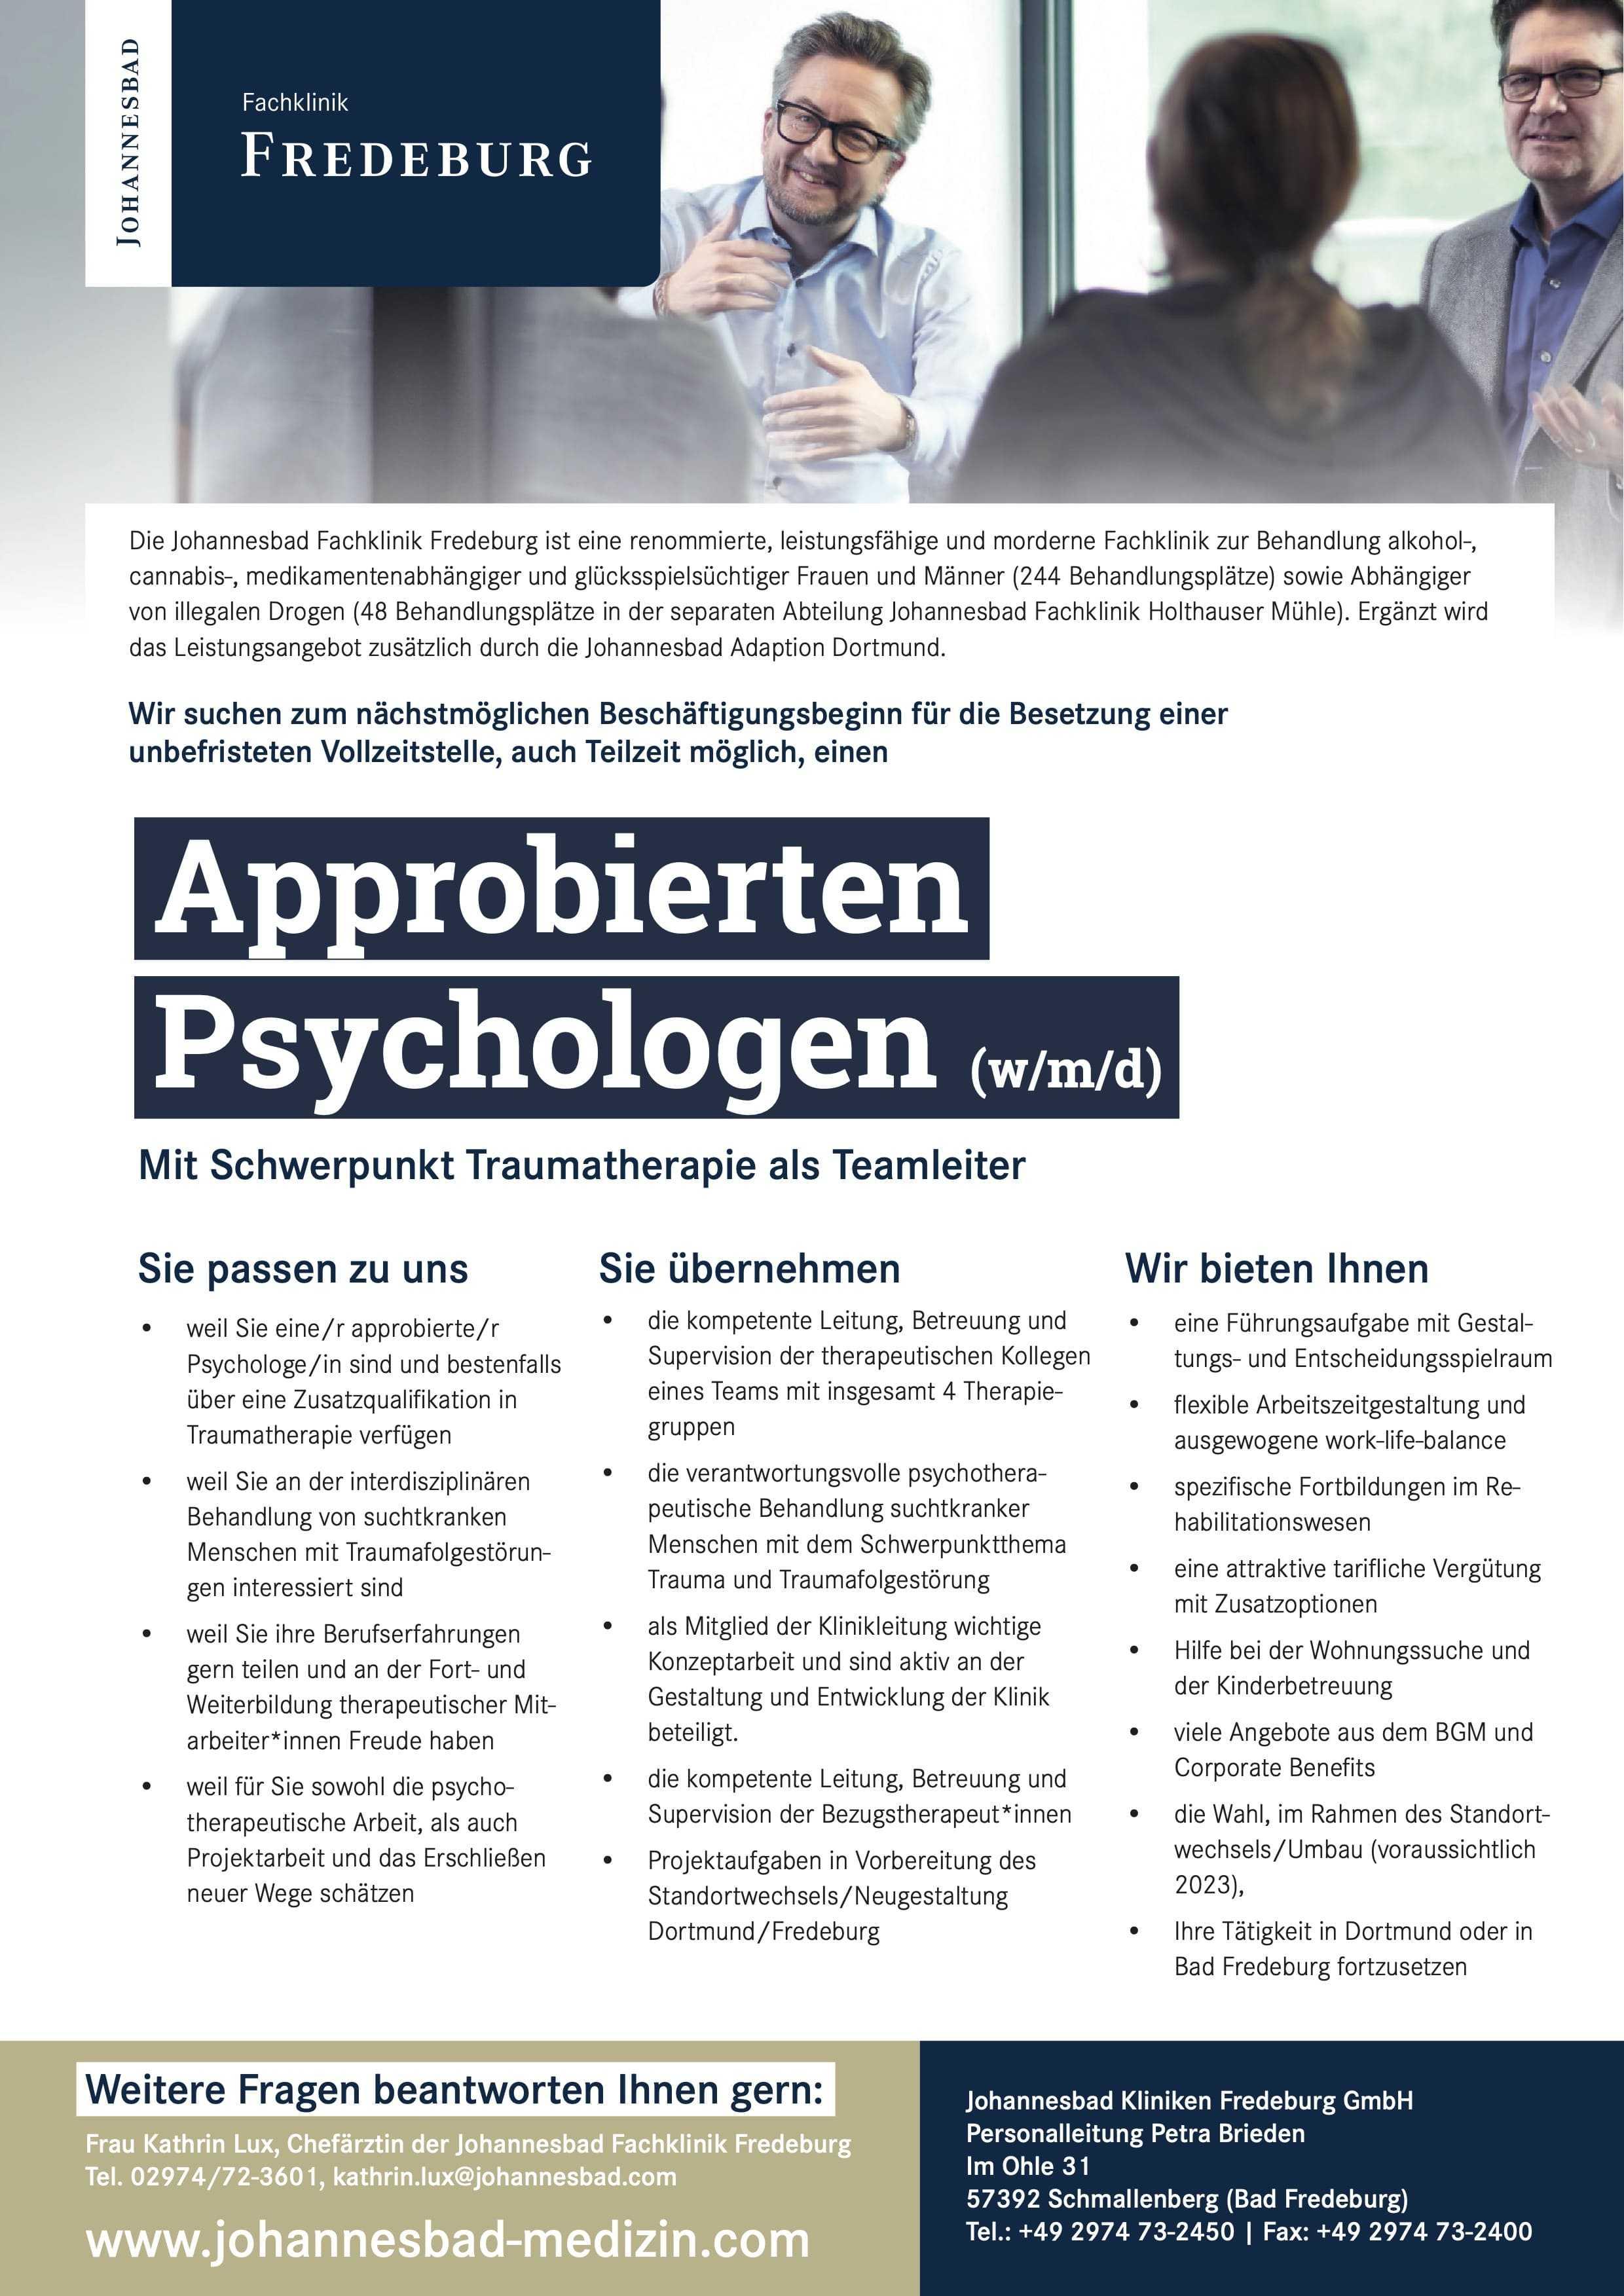 Approbierten Psychologen (w/m/d)